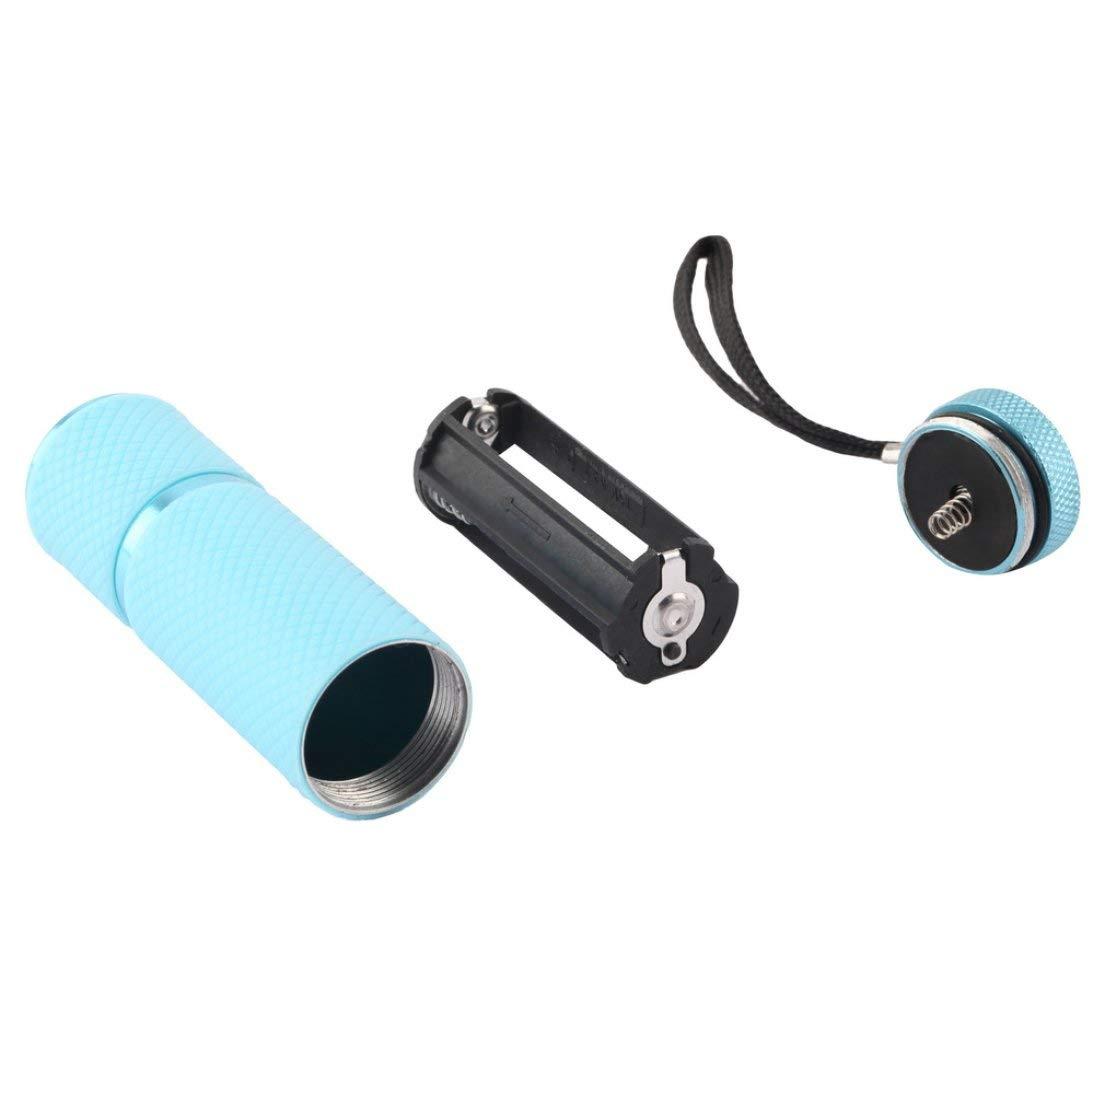 Mini 9 l/ámpara linterna LED secador de u/ñas port/átil UV Gel 15s secado r/ápido esmalte de u/ñas l/ámpara de curado aleaci/ón de aluminio AAA bater/ía